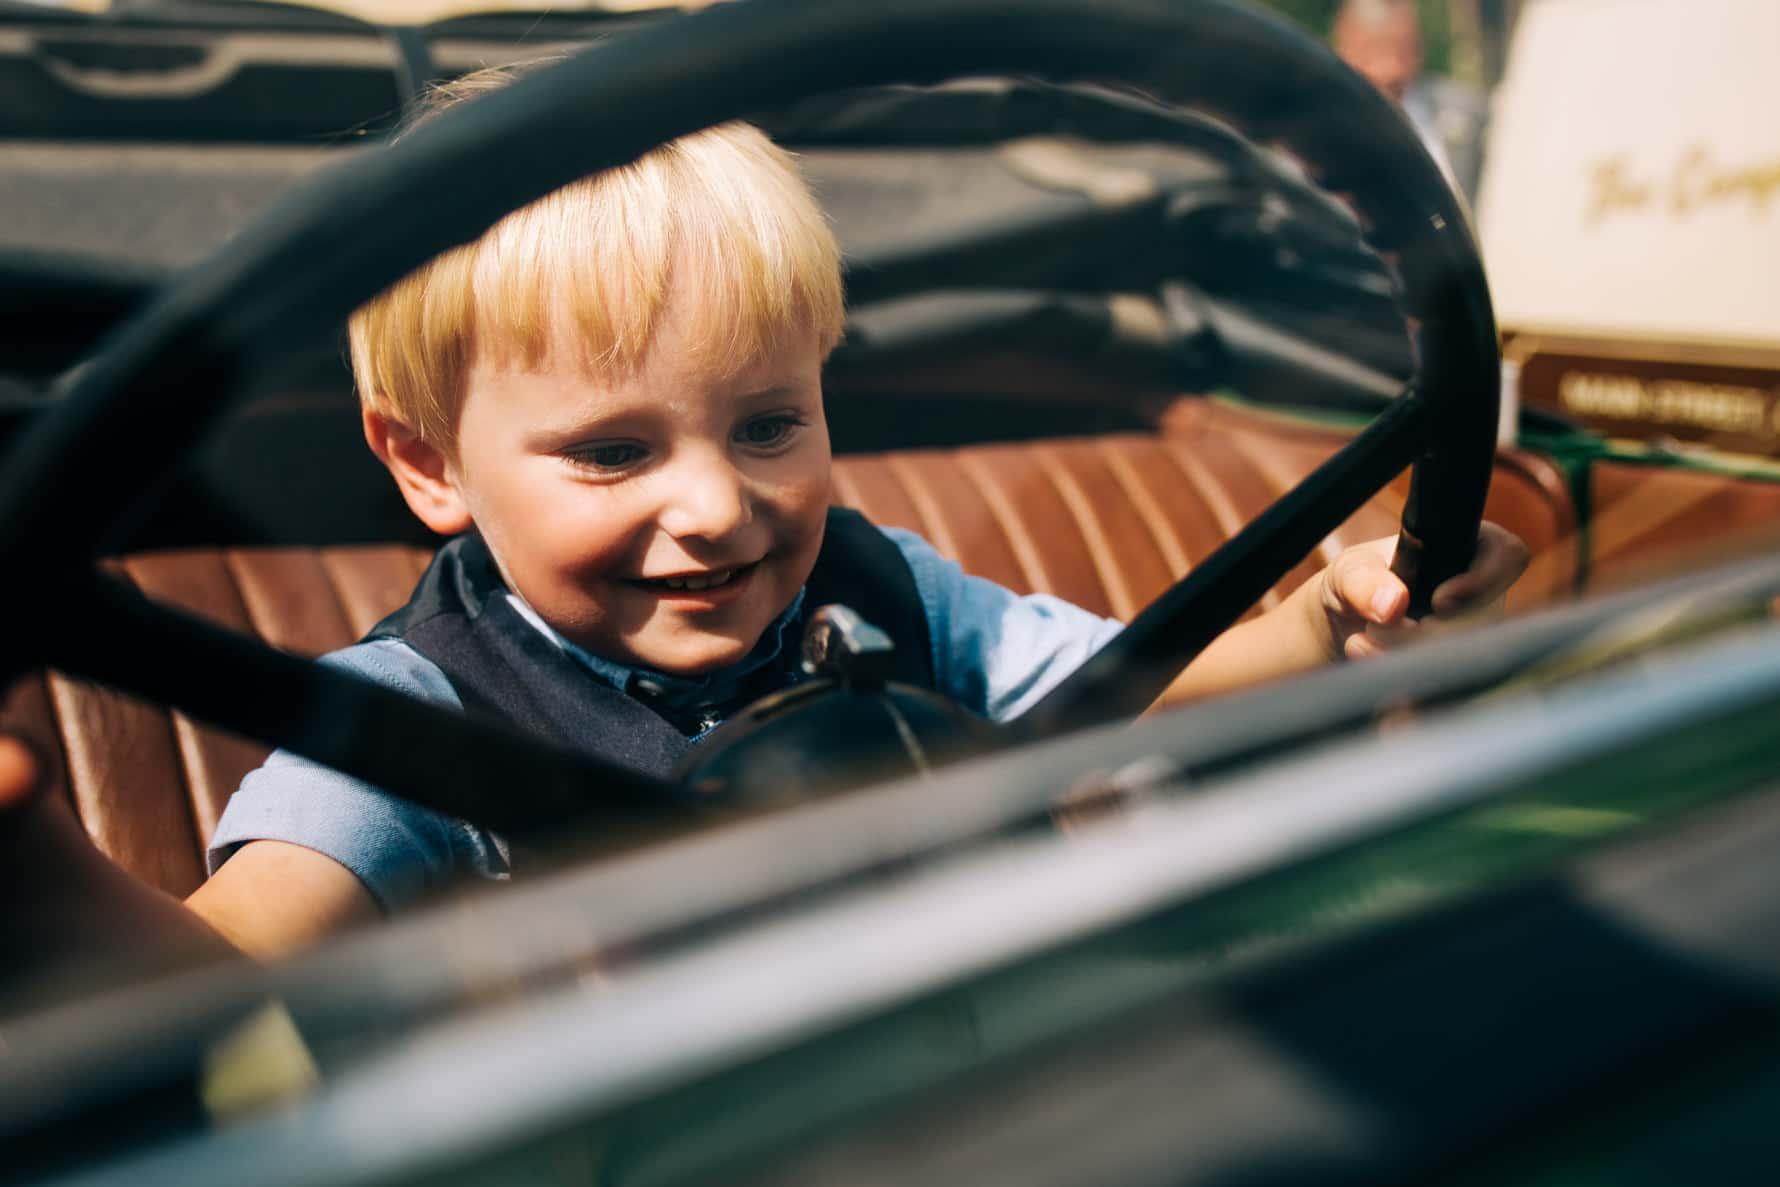 A boy pretending to drive a car